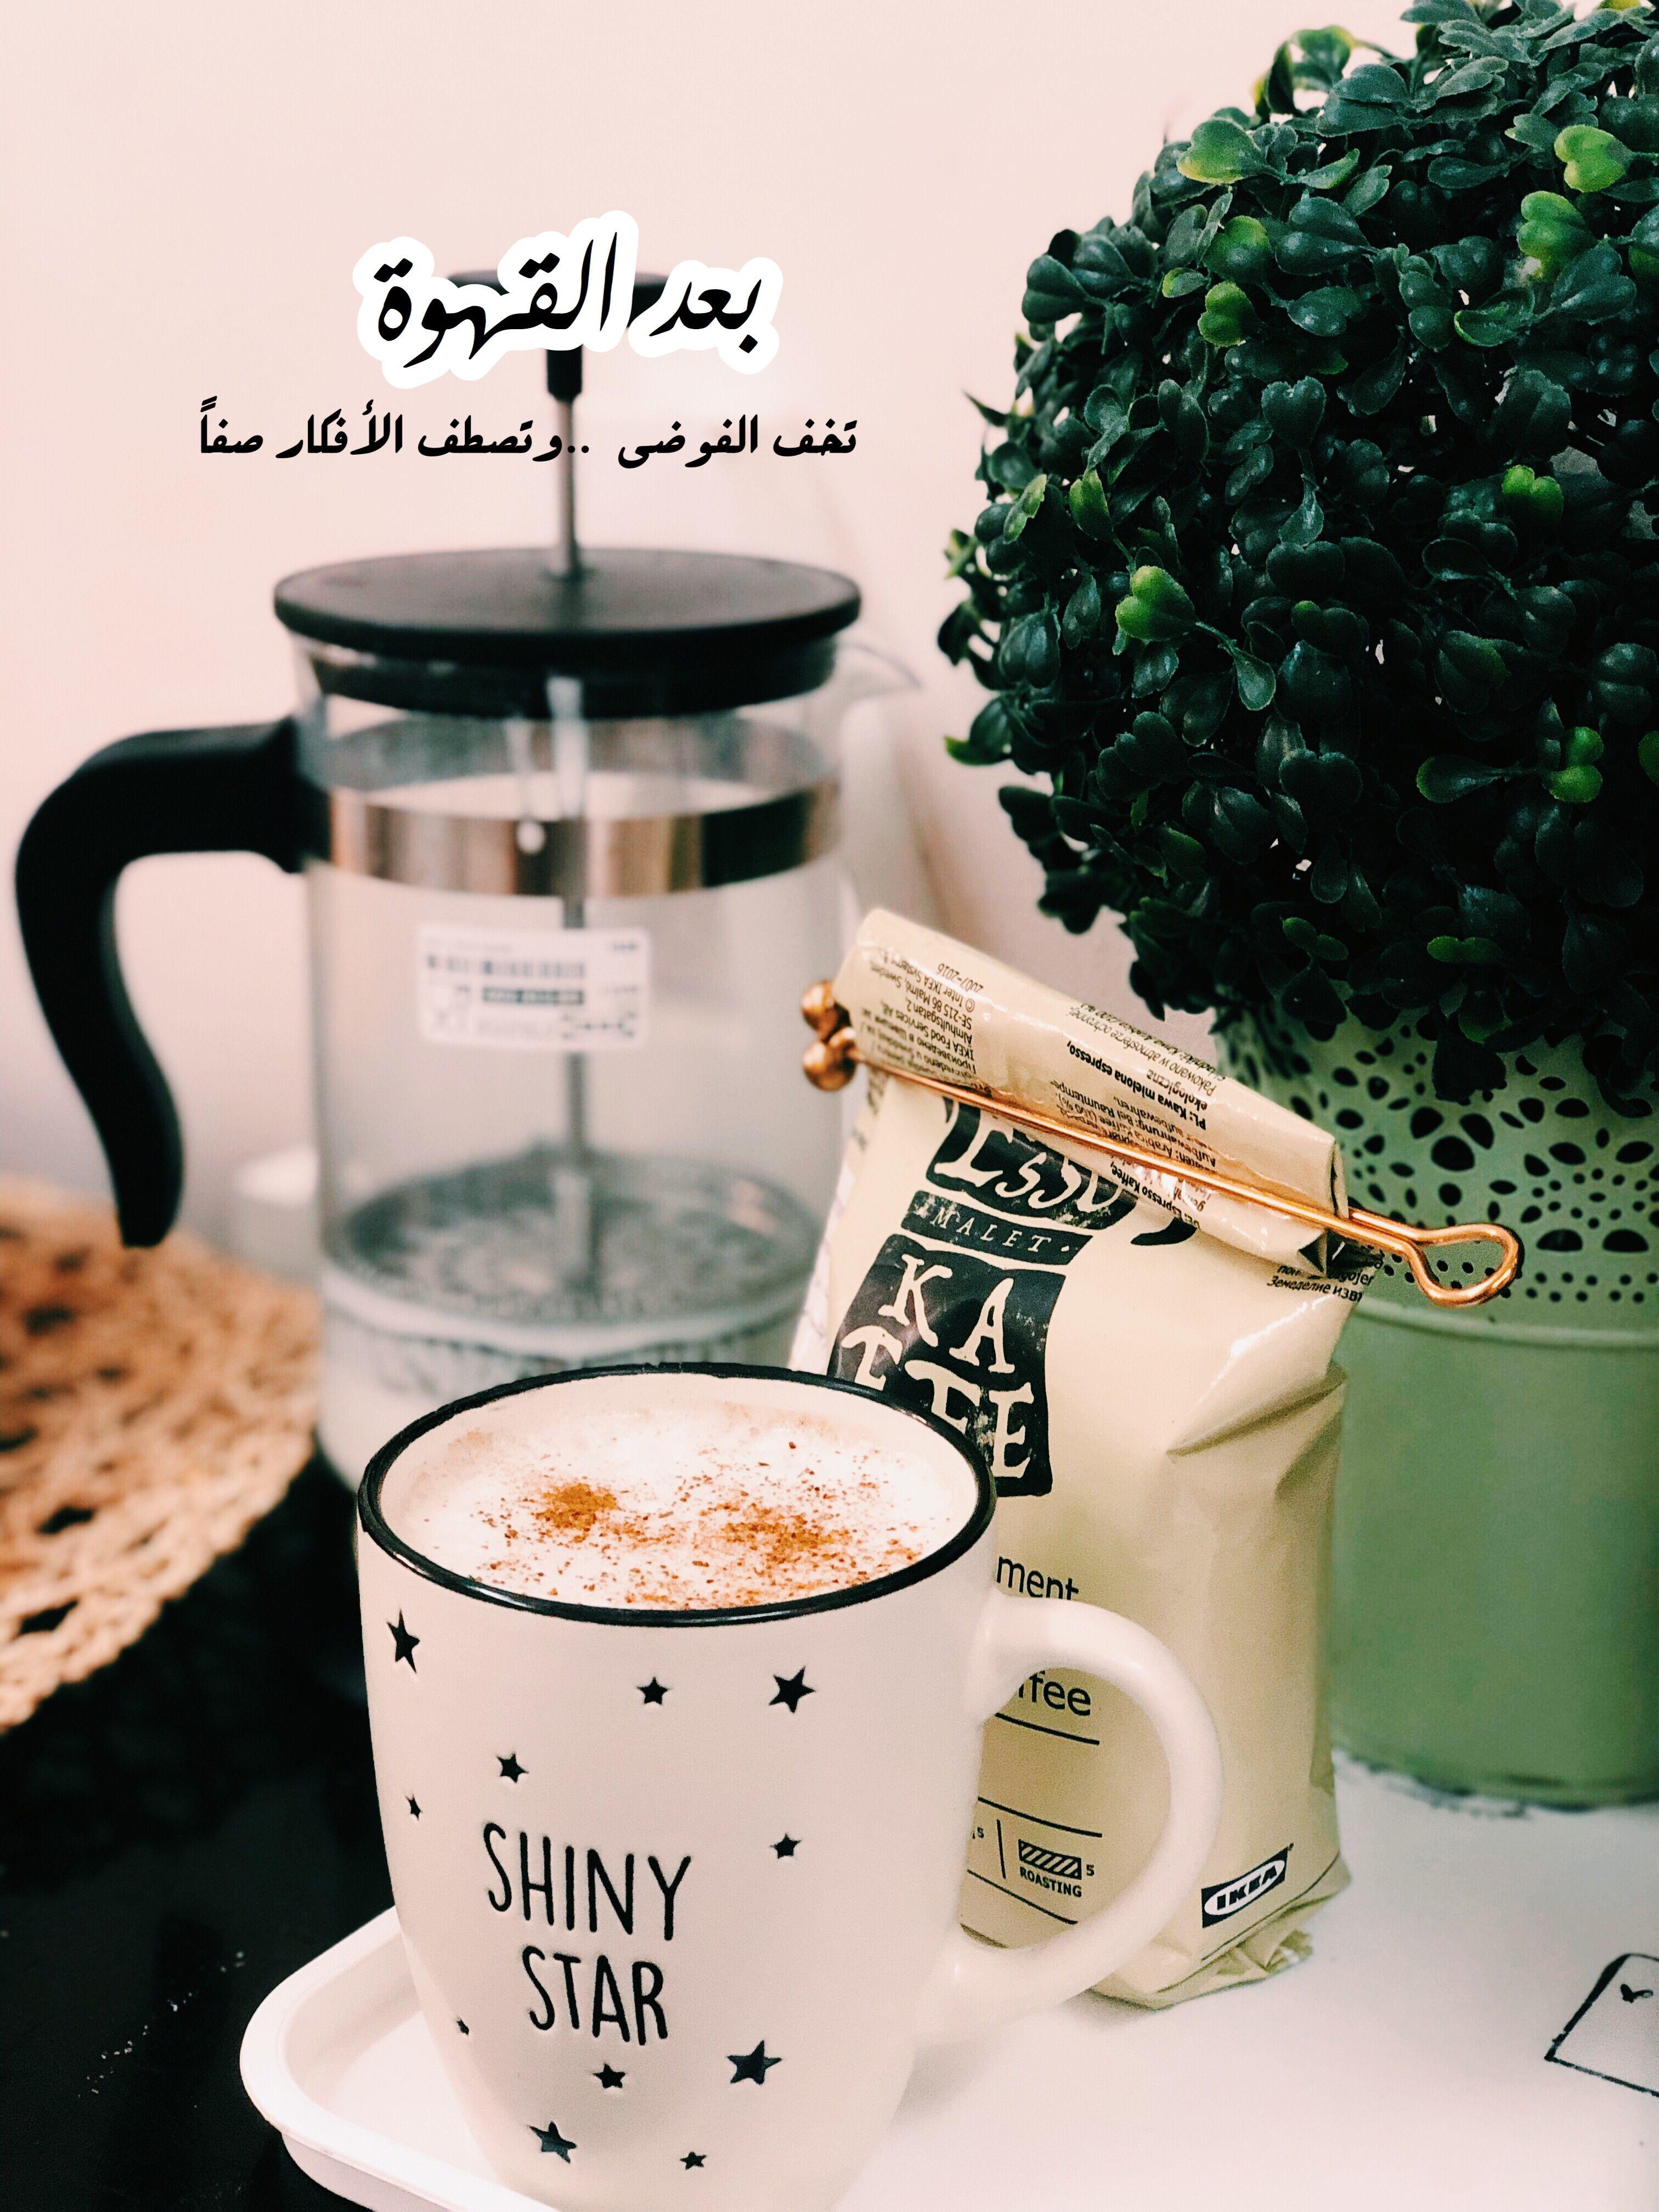 قهوة مساء تصويري تصاميم خواطر رمزيات Coffee Cafe Ikea